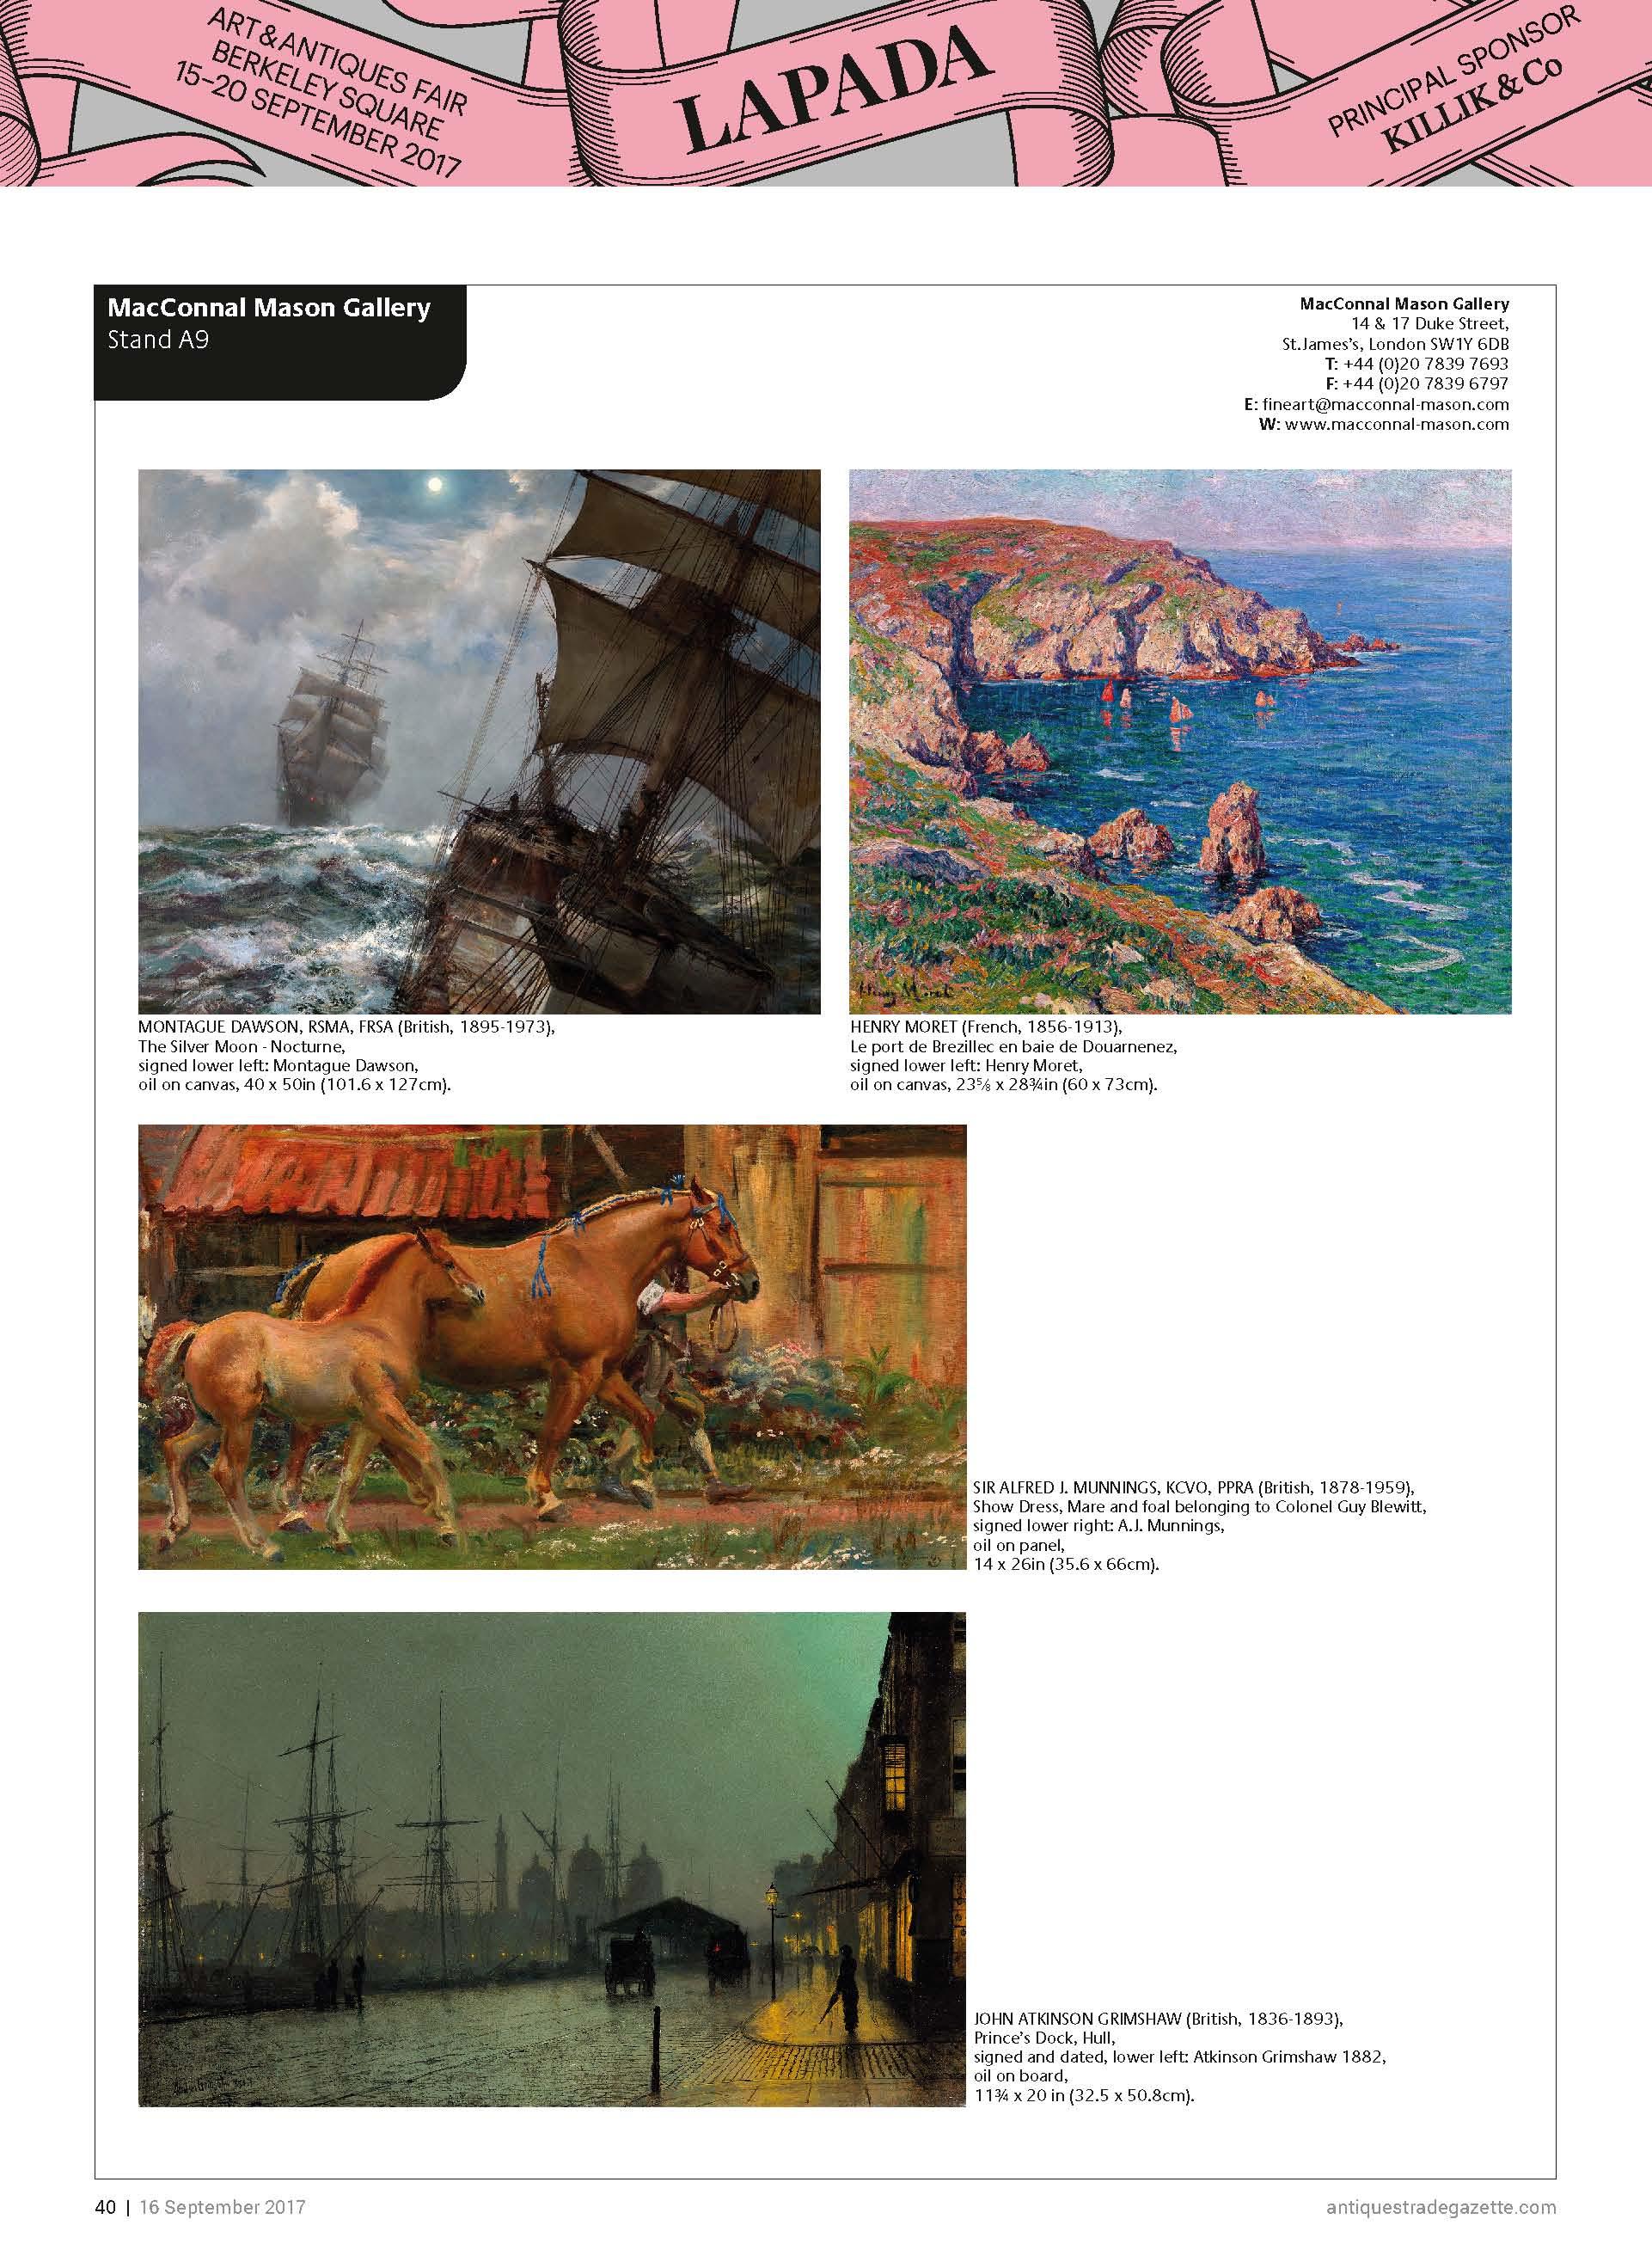 LAPADA Showcase 1.jpg